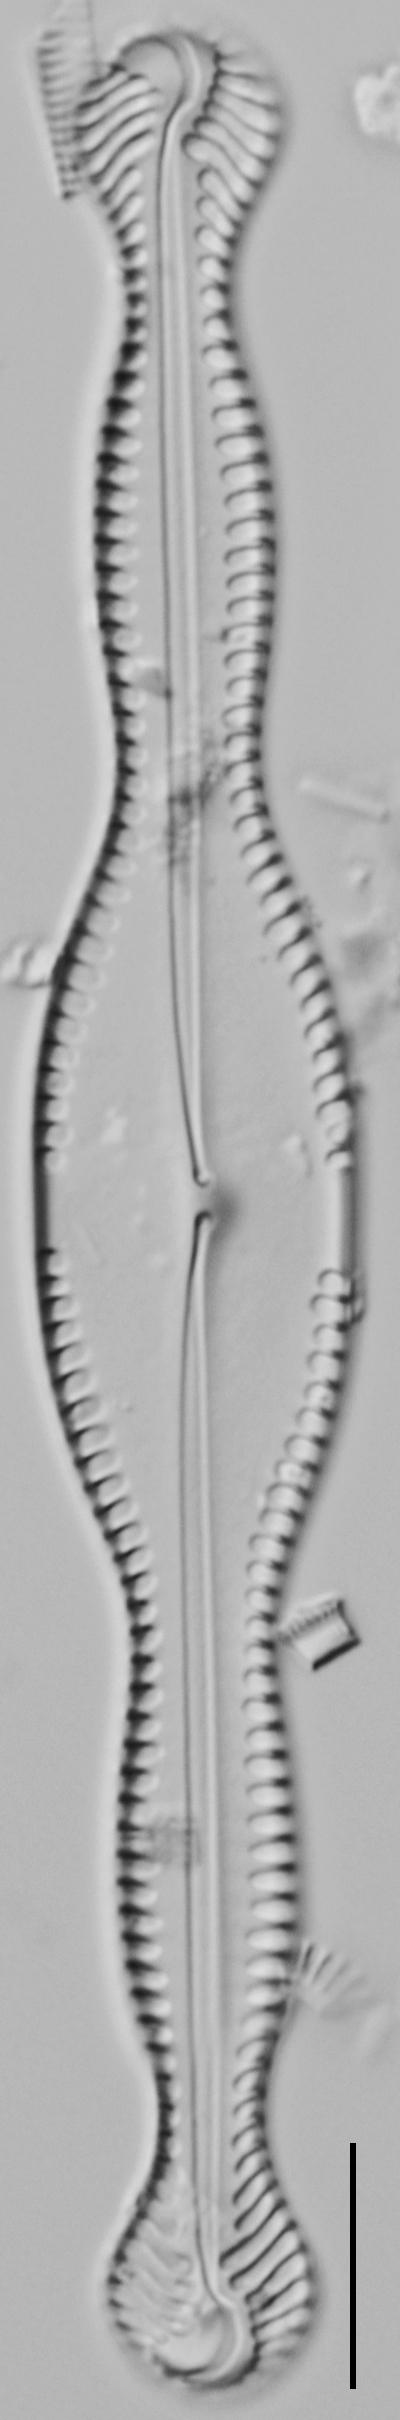 Pinnularia formica LM7